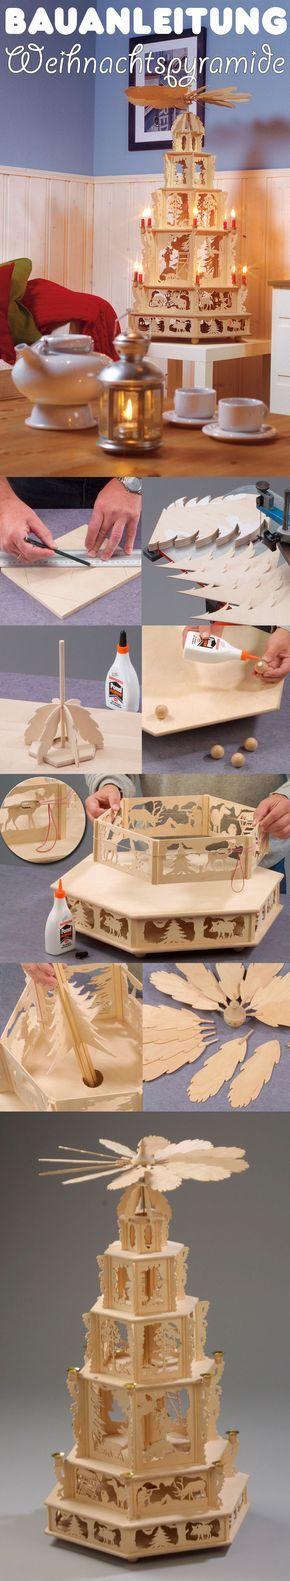 Eine Weihnachtspyramide schafft eine gemütliche und festliche Stimmung. Wir zeigen, wie man die Pyramide für die Weihnachtszeit aus Holz selbst baut.